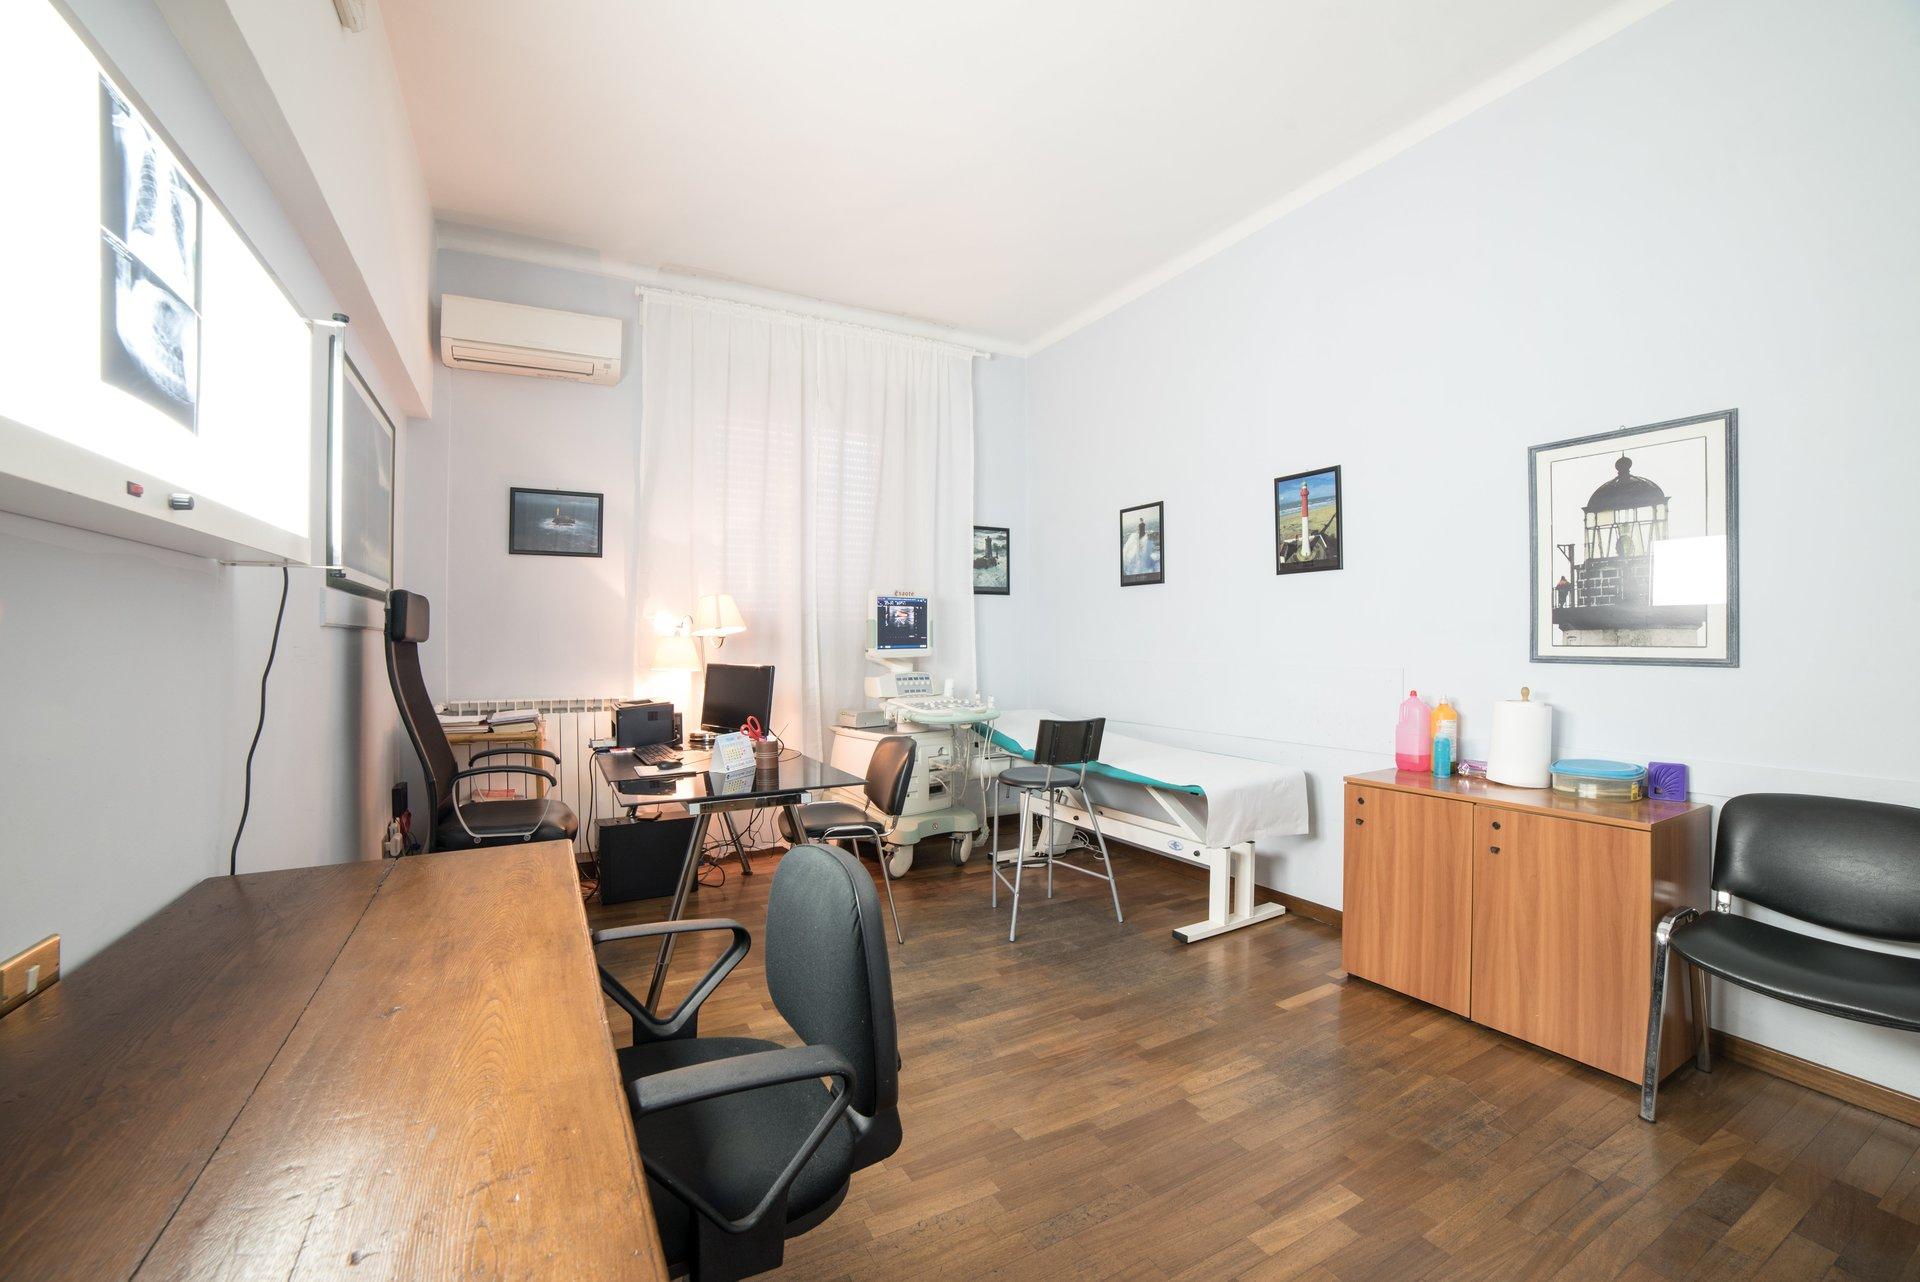 istituto radiologico beretta - studio per visite